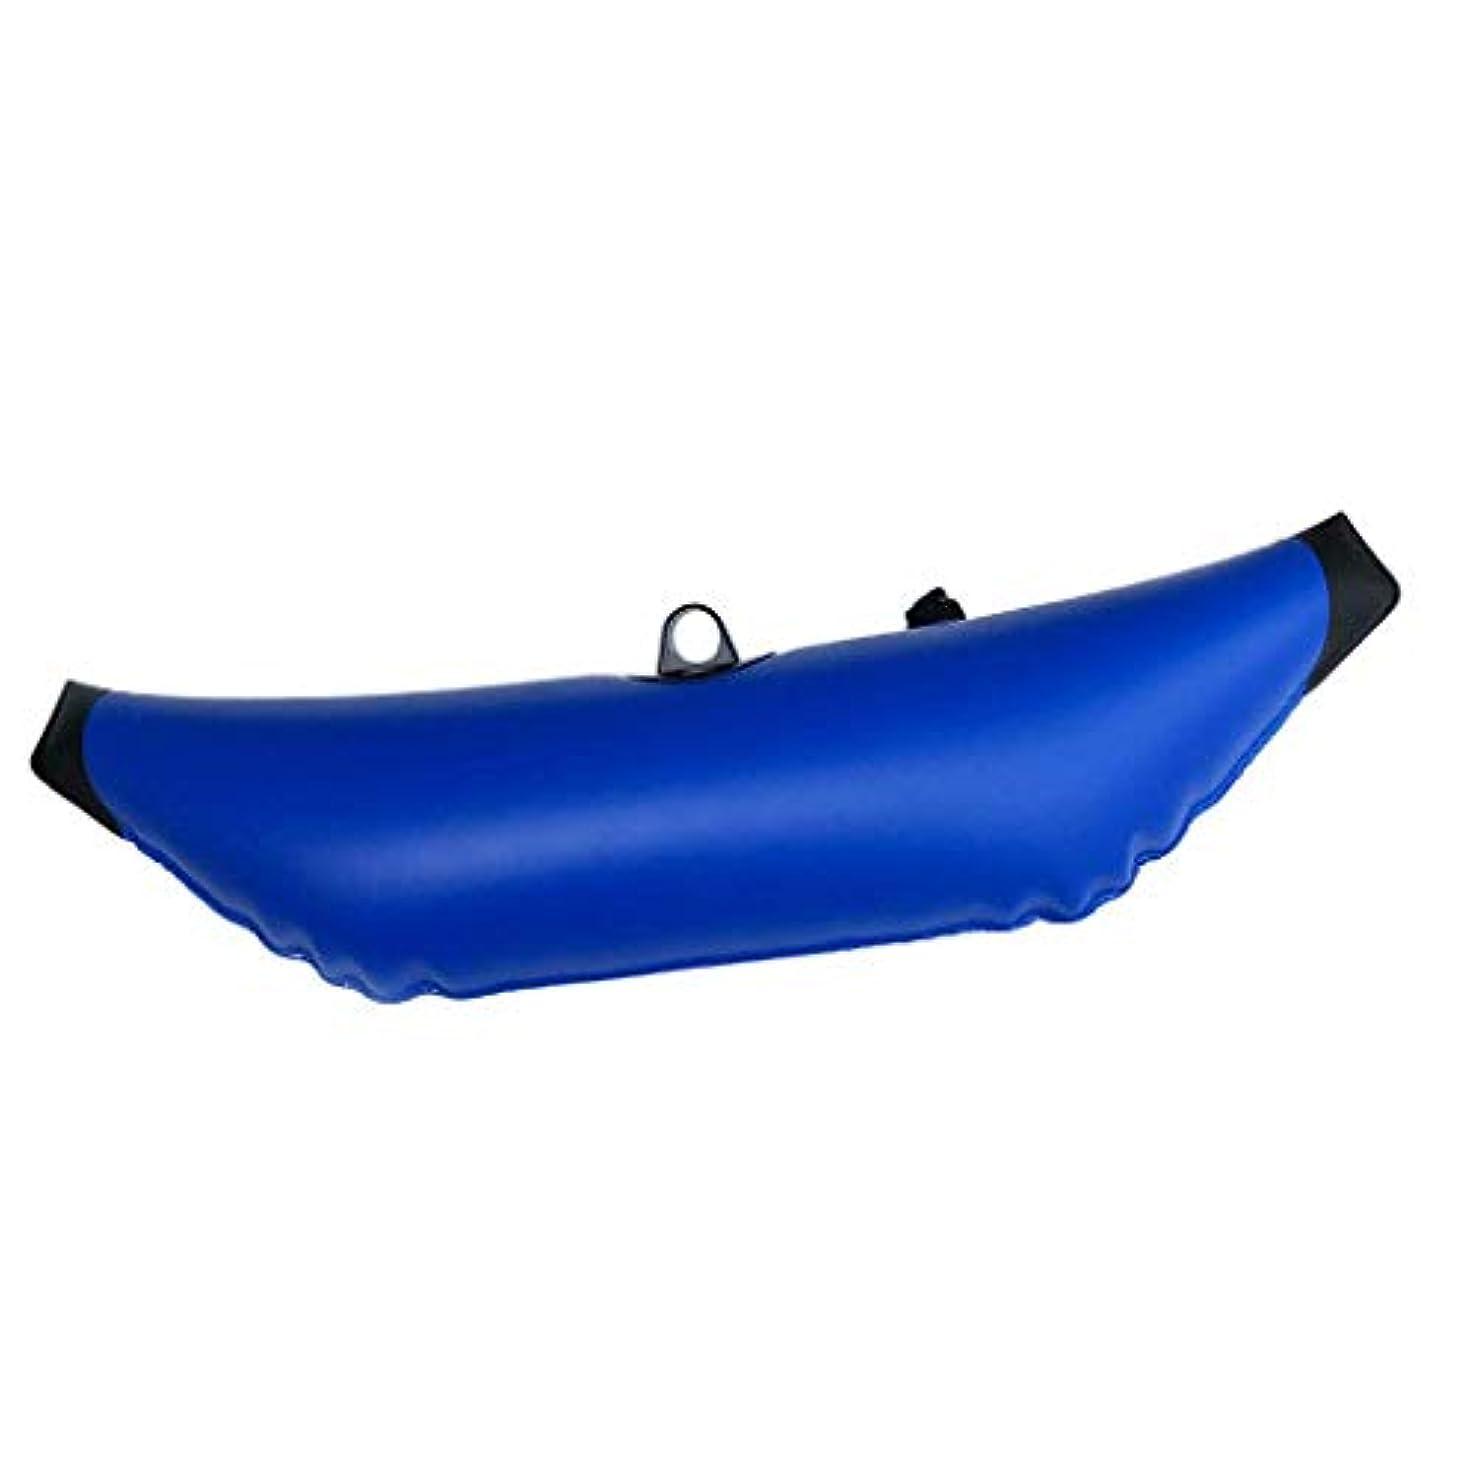 技術者どこでもやめるプレミアムpvcカヤックインフレータブルアウトリガー安定剤水浮遊フロートスーツカヤックカヌーボート釣り交換用アクセサリー